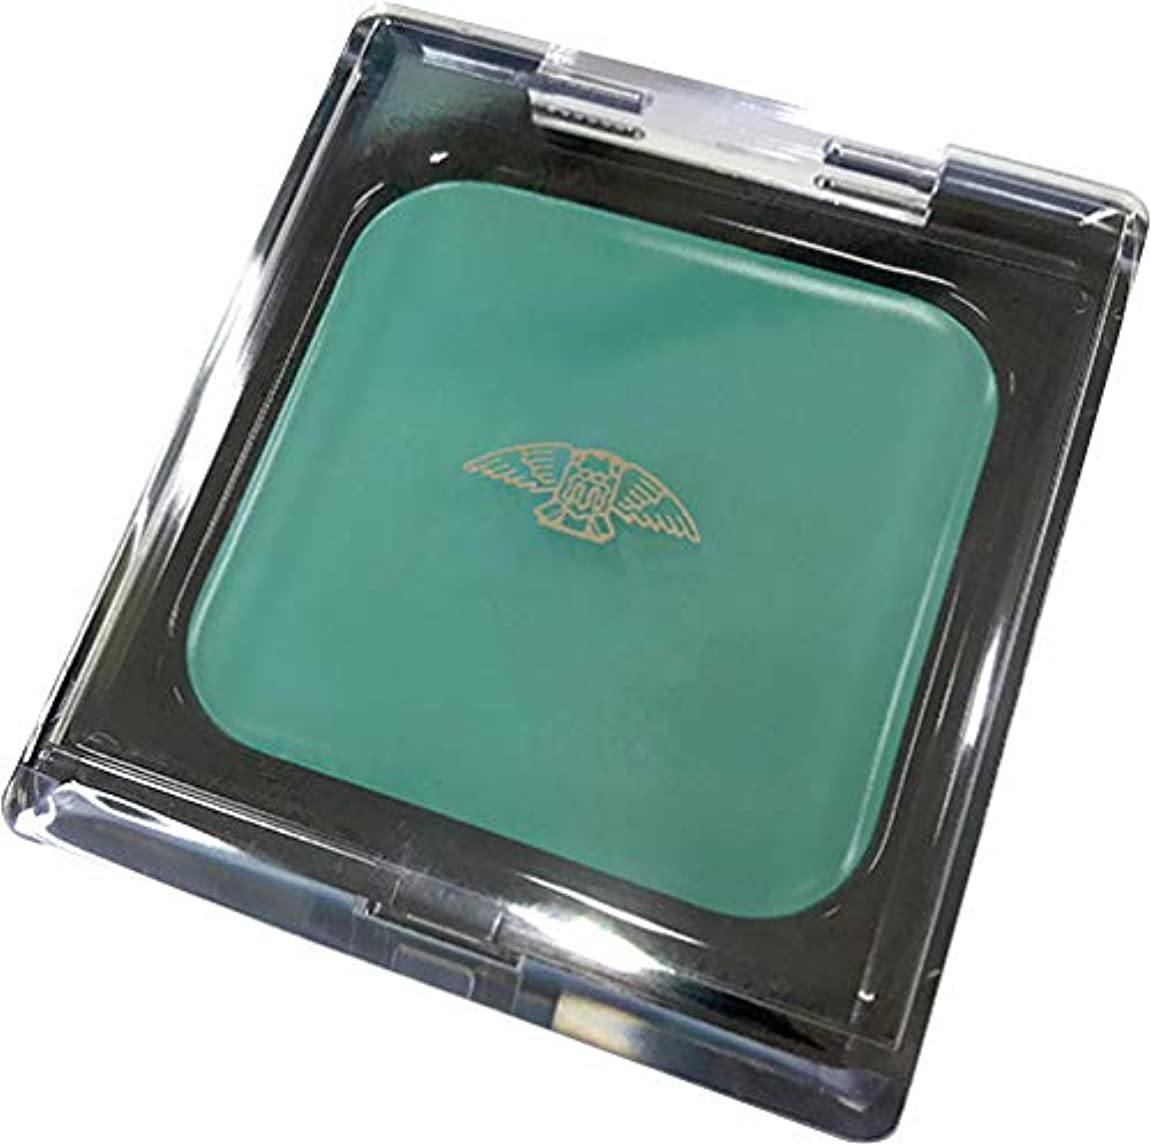 たとえ延期するエゴマニア三善 クラウンカラー 7g グリーン